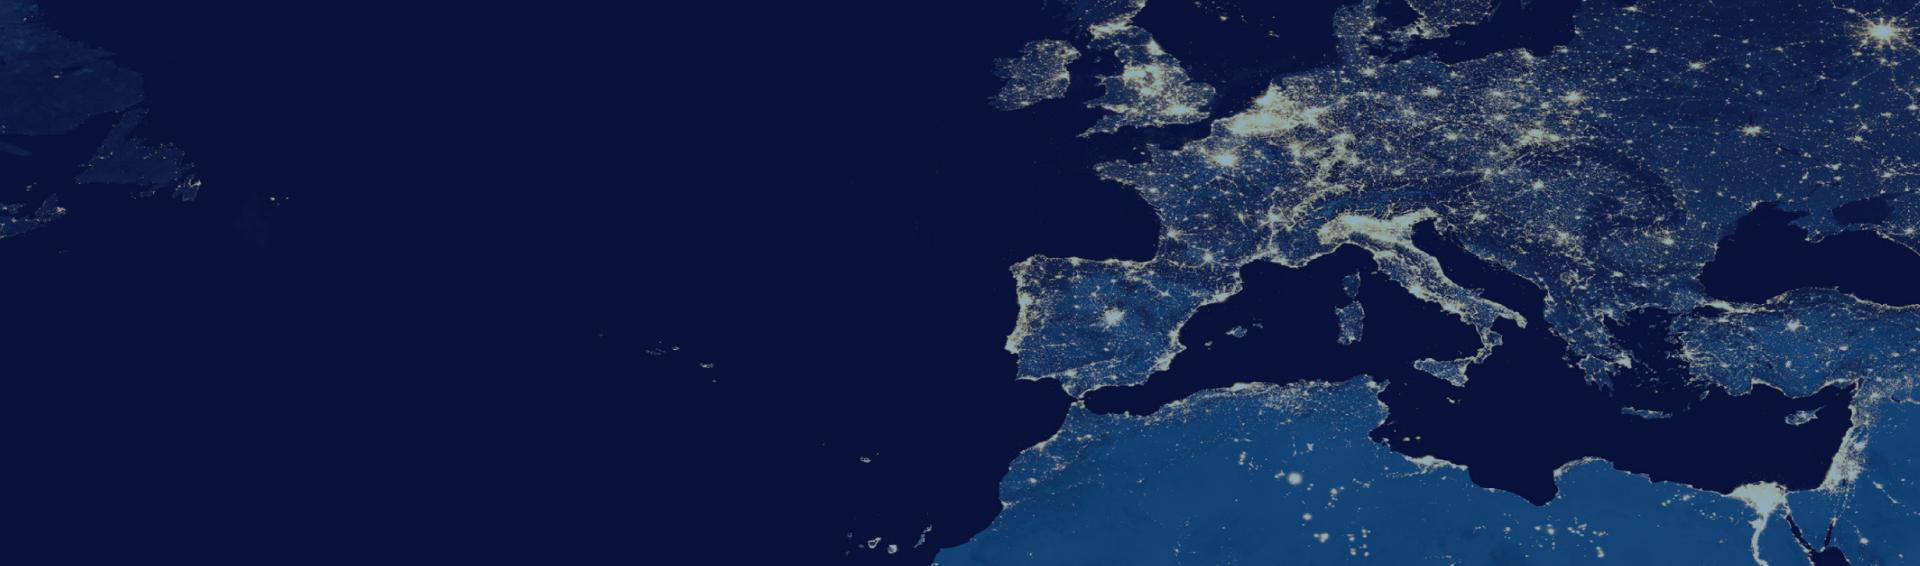 Imagem satélite do mundo